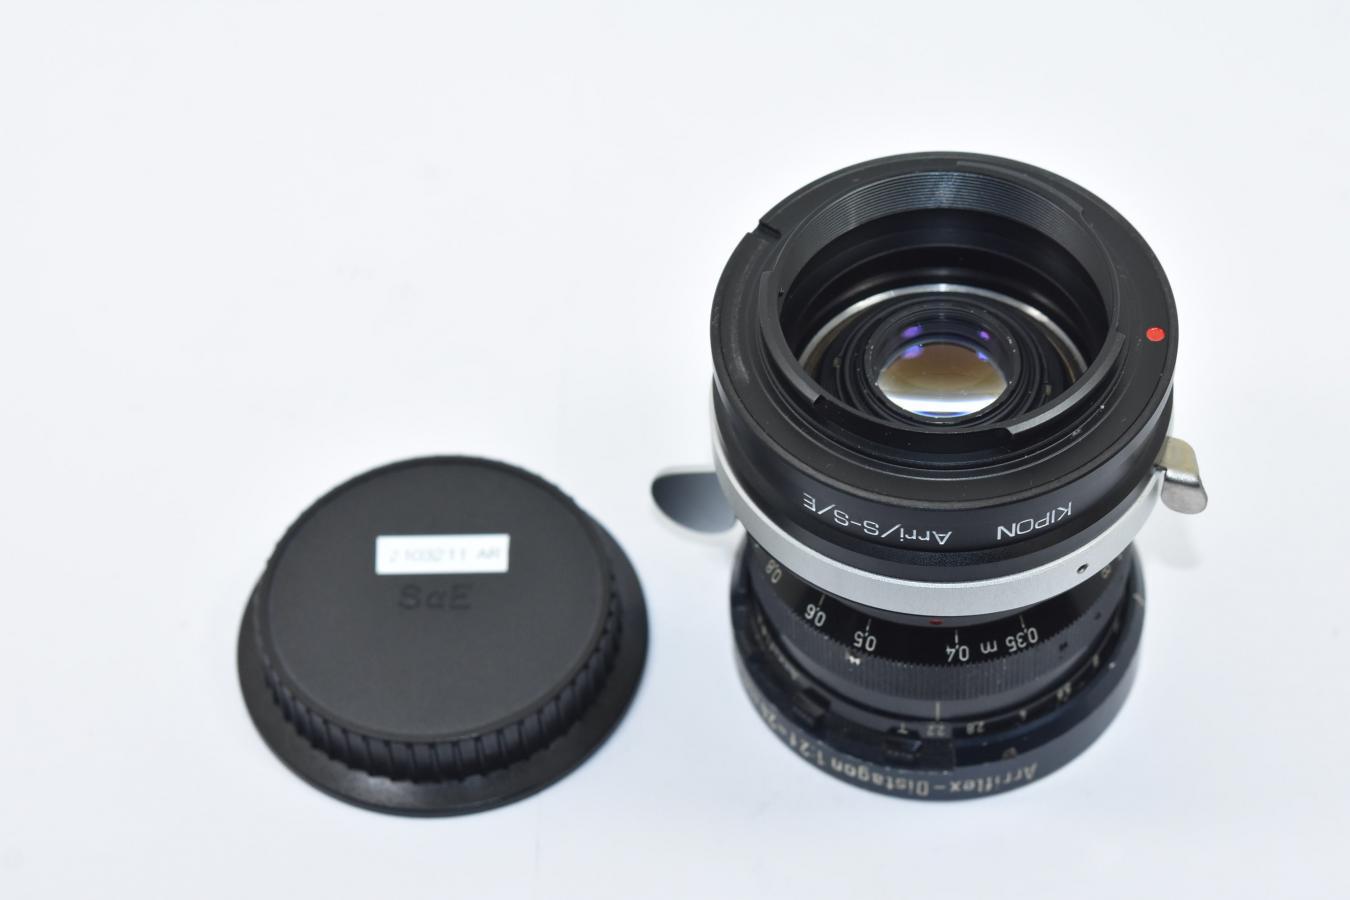 【希 少】Carl Zeiss Arriflex-Distagon 24mm F2 T2.2 ARRIFLEX STD 【KIPON製 Arri/S-S/Eマウントアダプター付】